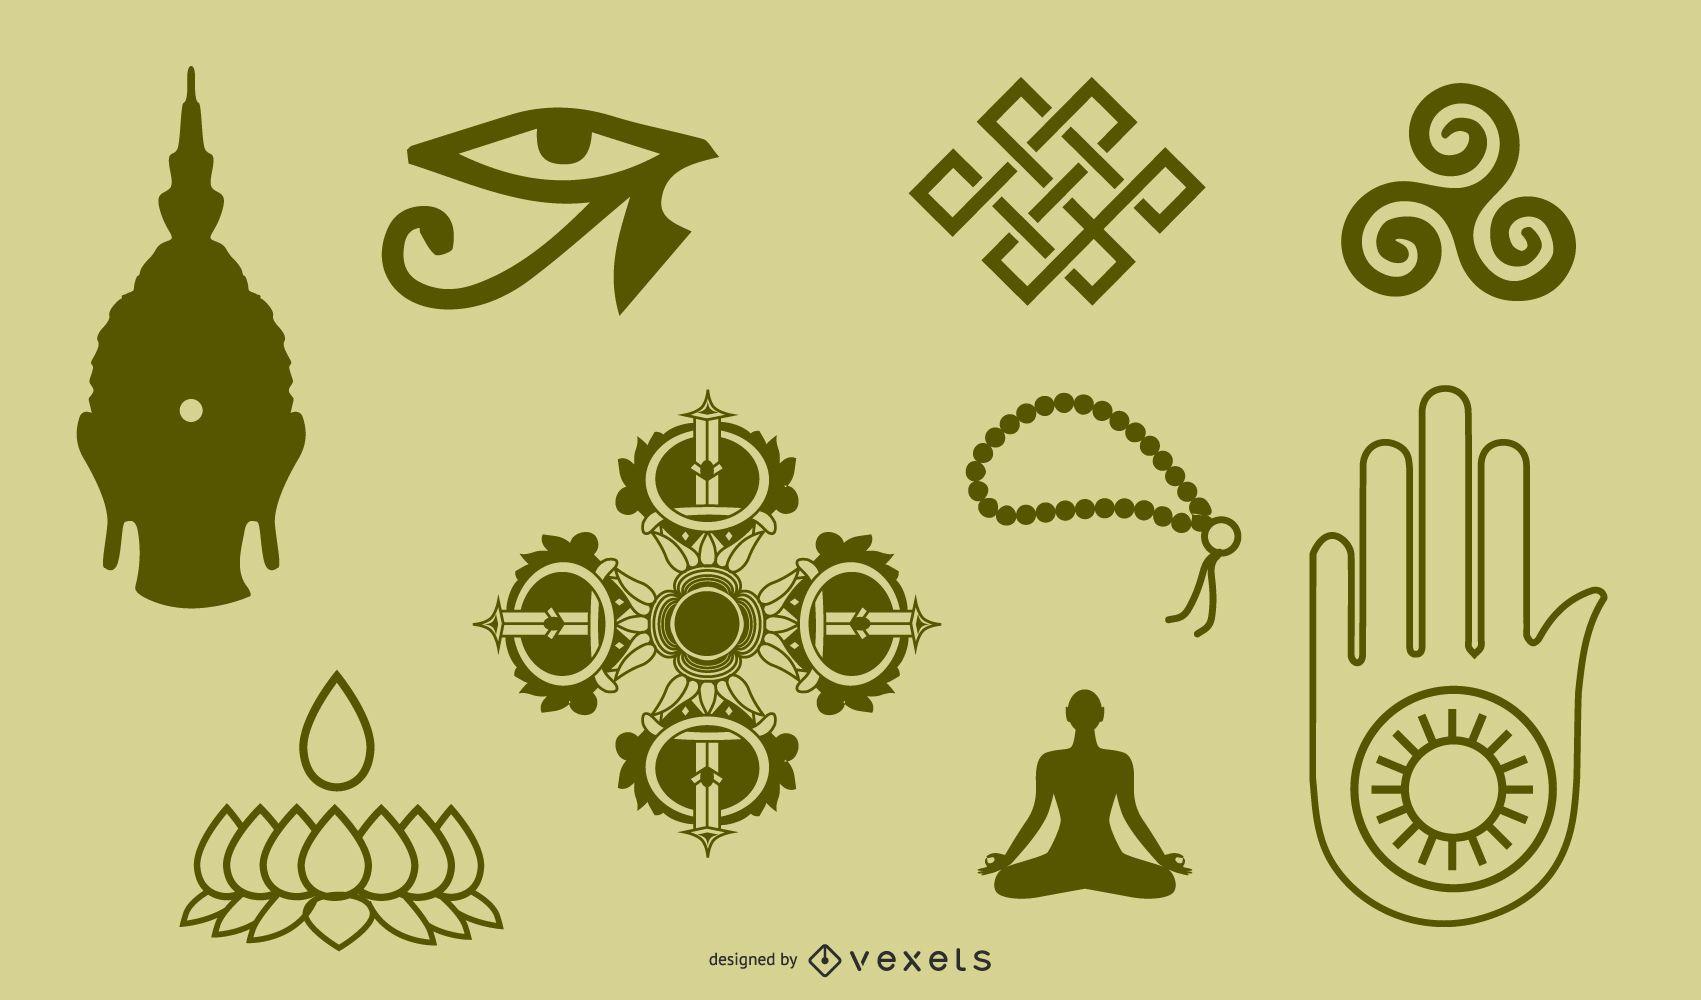 Símbolos y objetos budistas tibetanos Figura de doce objetos de mano para identificación y etiqueta Vector